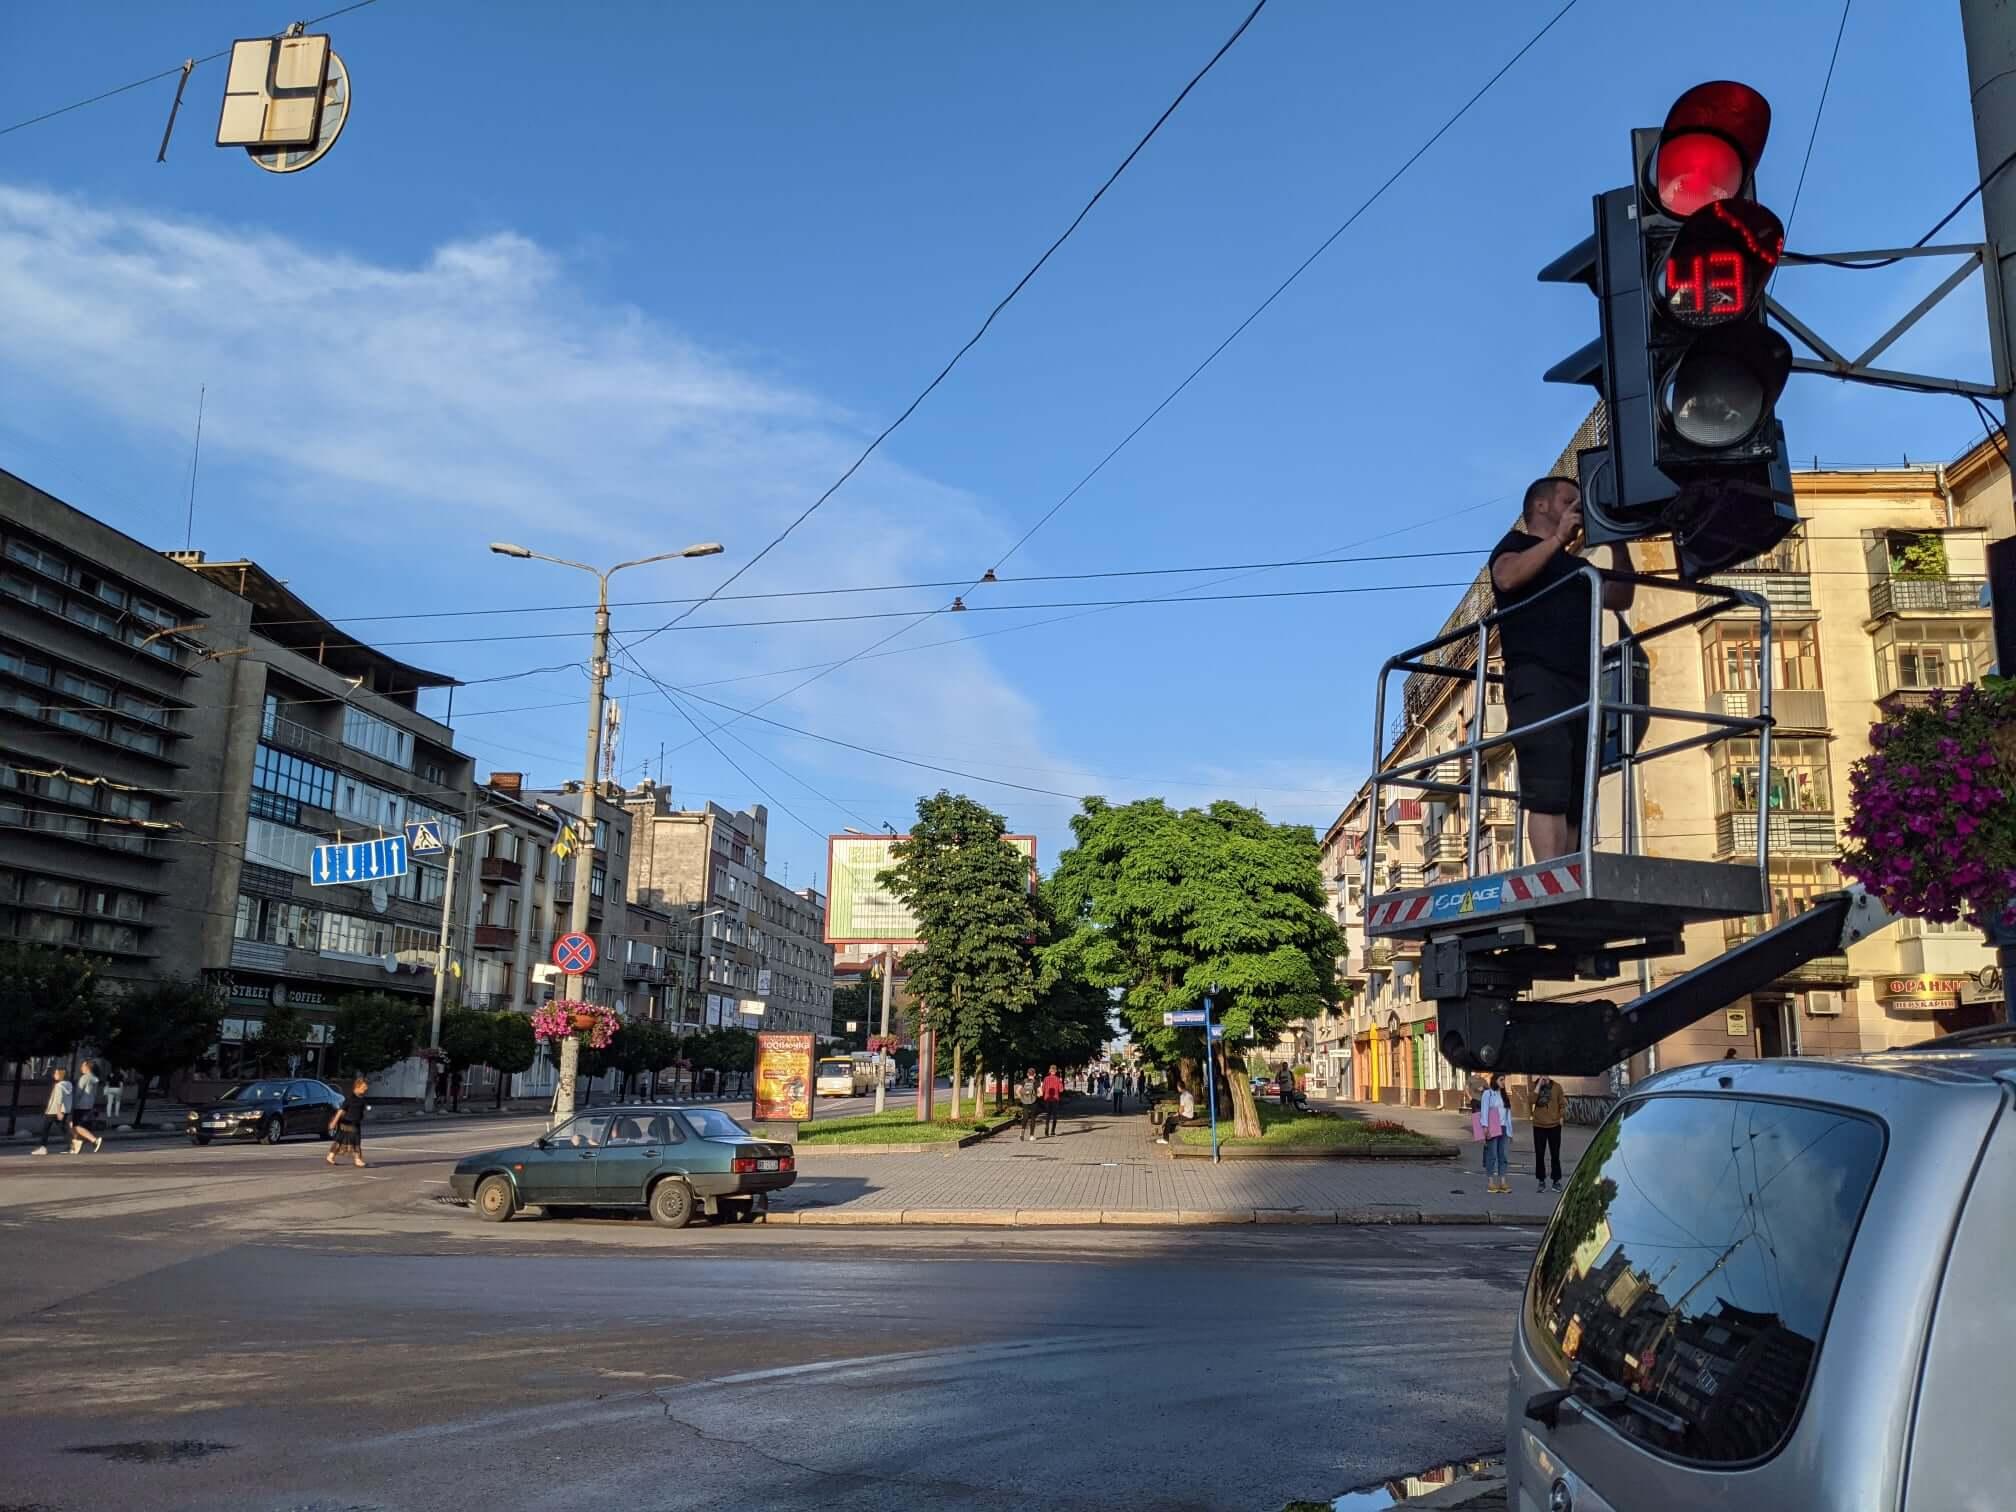 Вчорашня негода у Франківську вивела з ладу три світлофорні об'єкти (ФОТО)